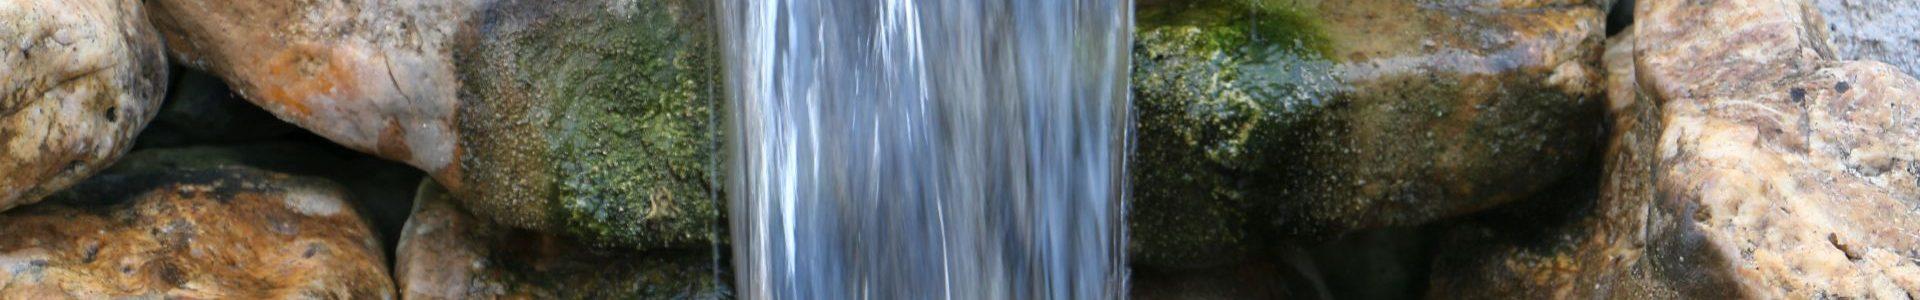 Wasserspiele für Natursteingarten_Galerie07